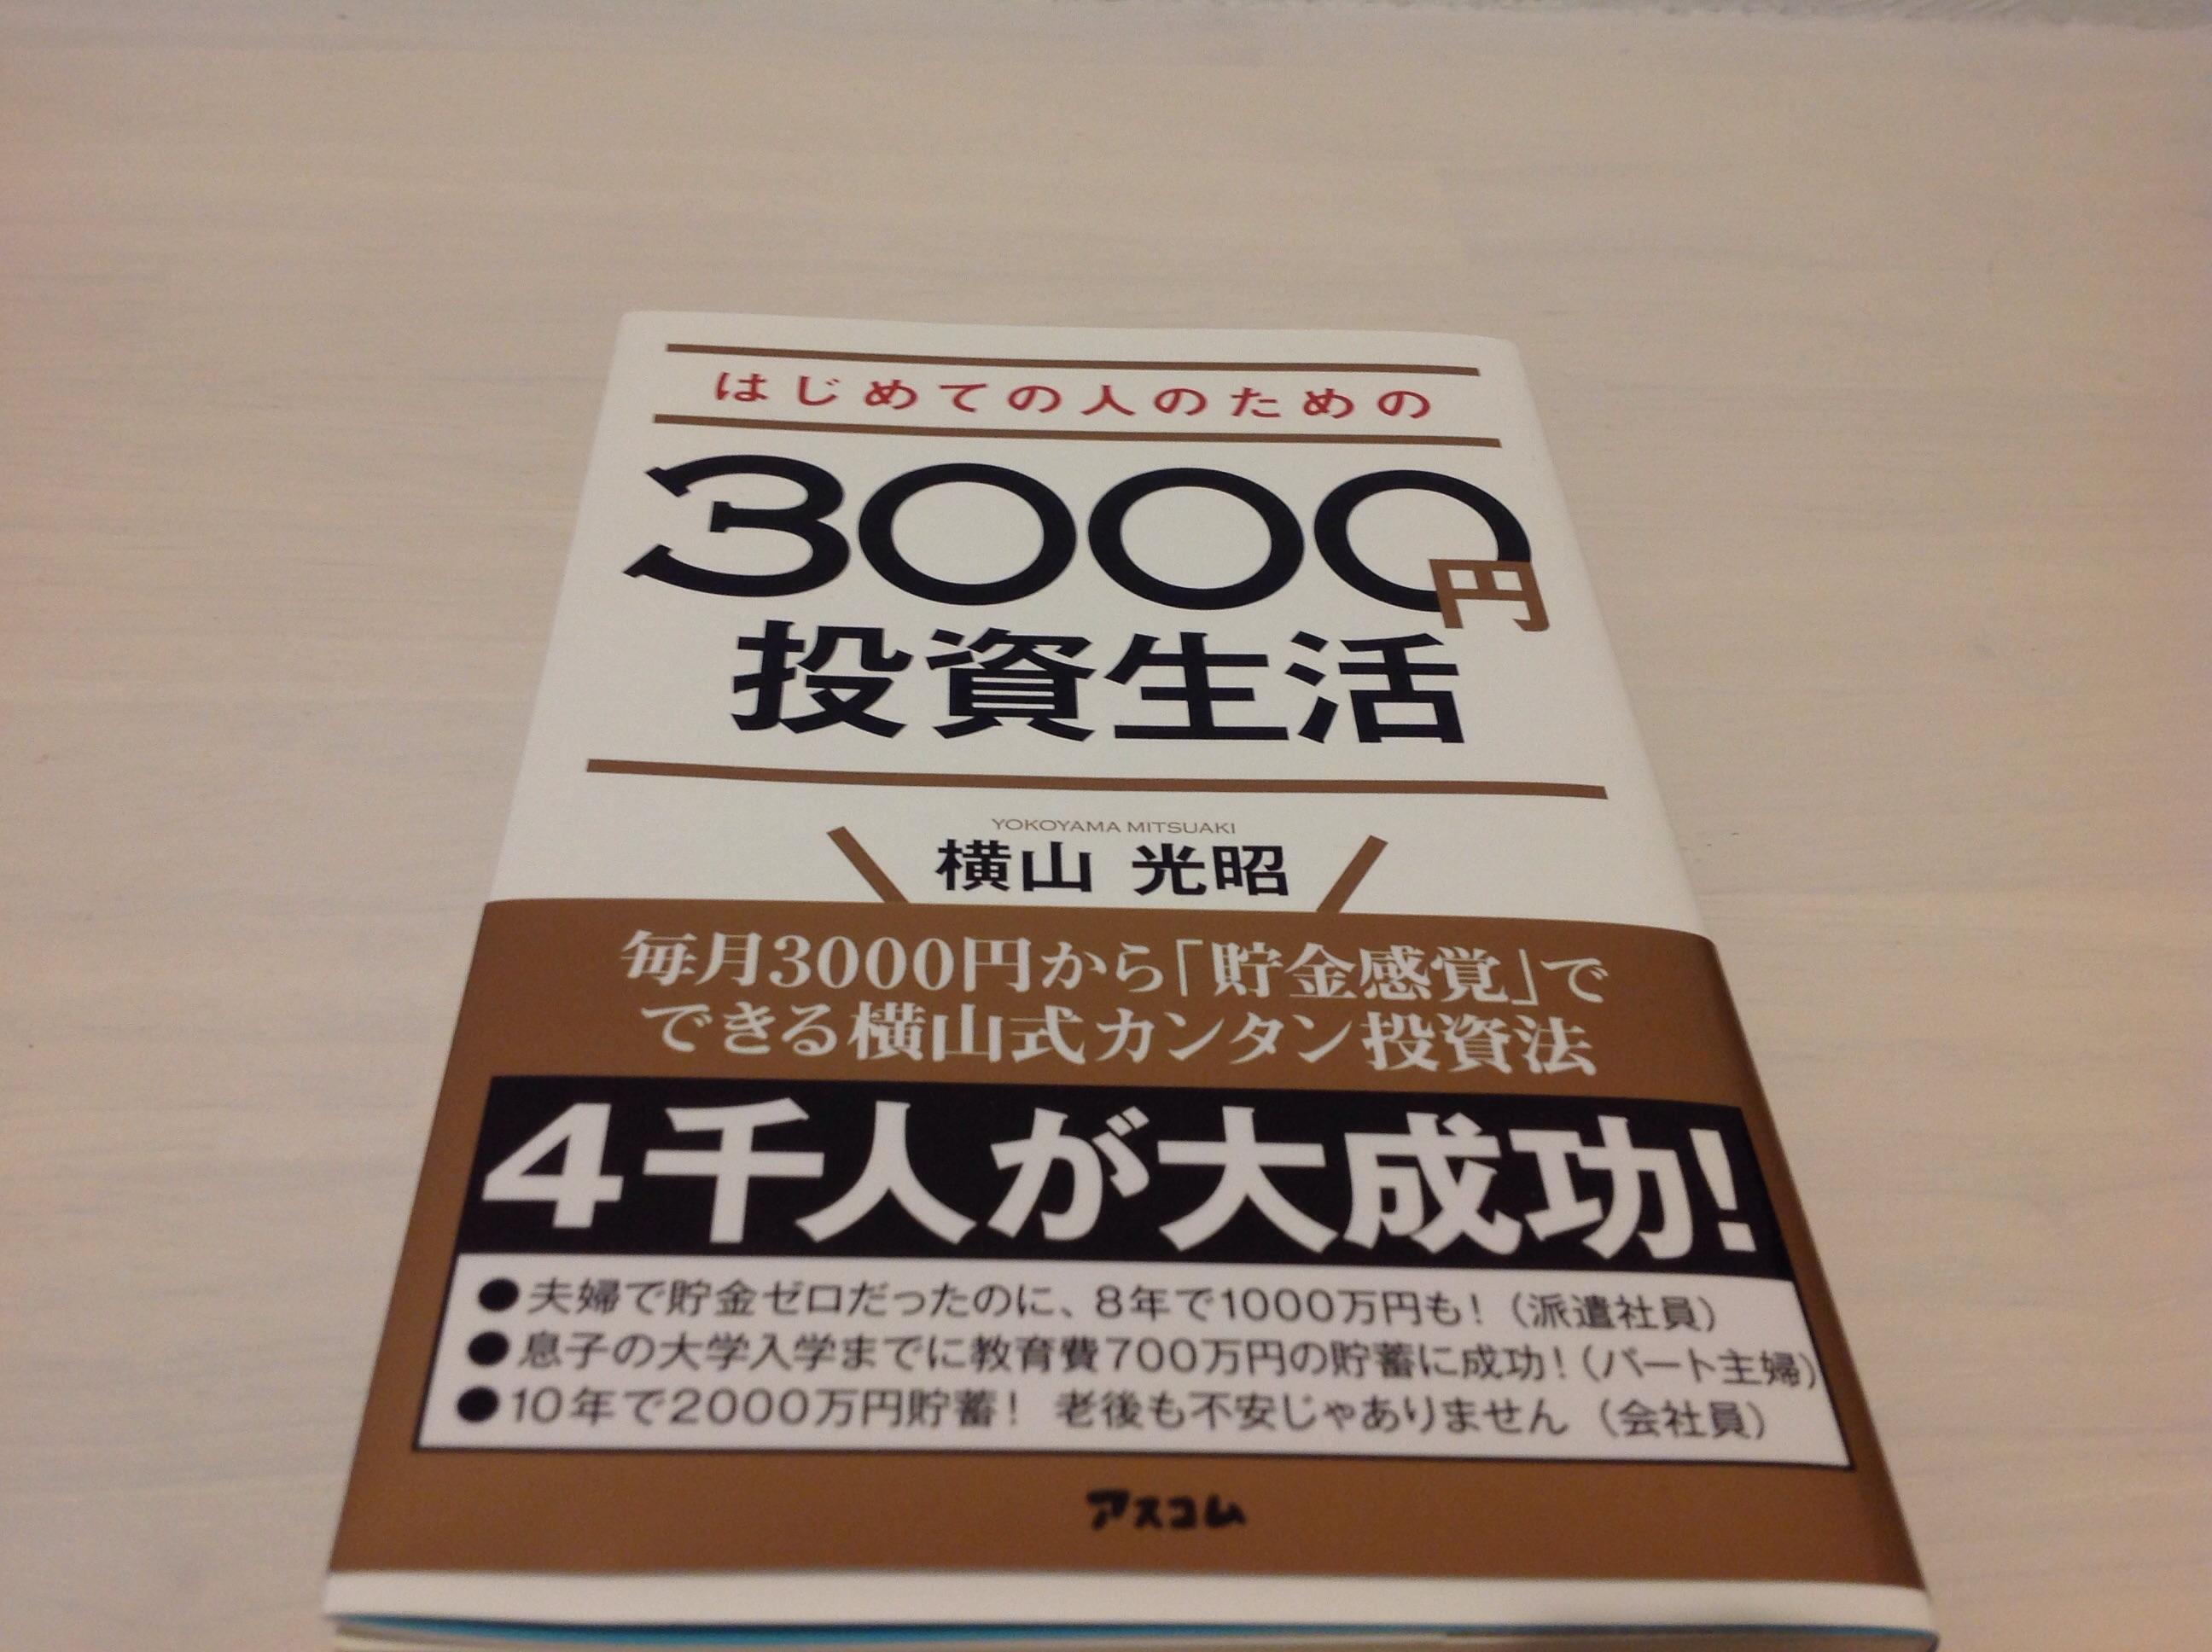 「はじめての人のための3000円投資生活」の感想